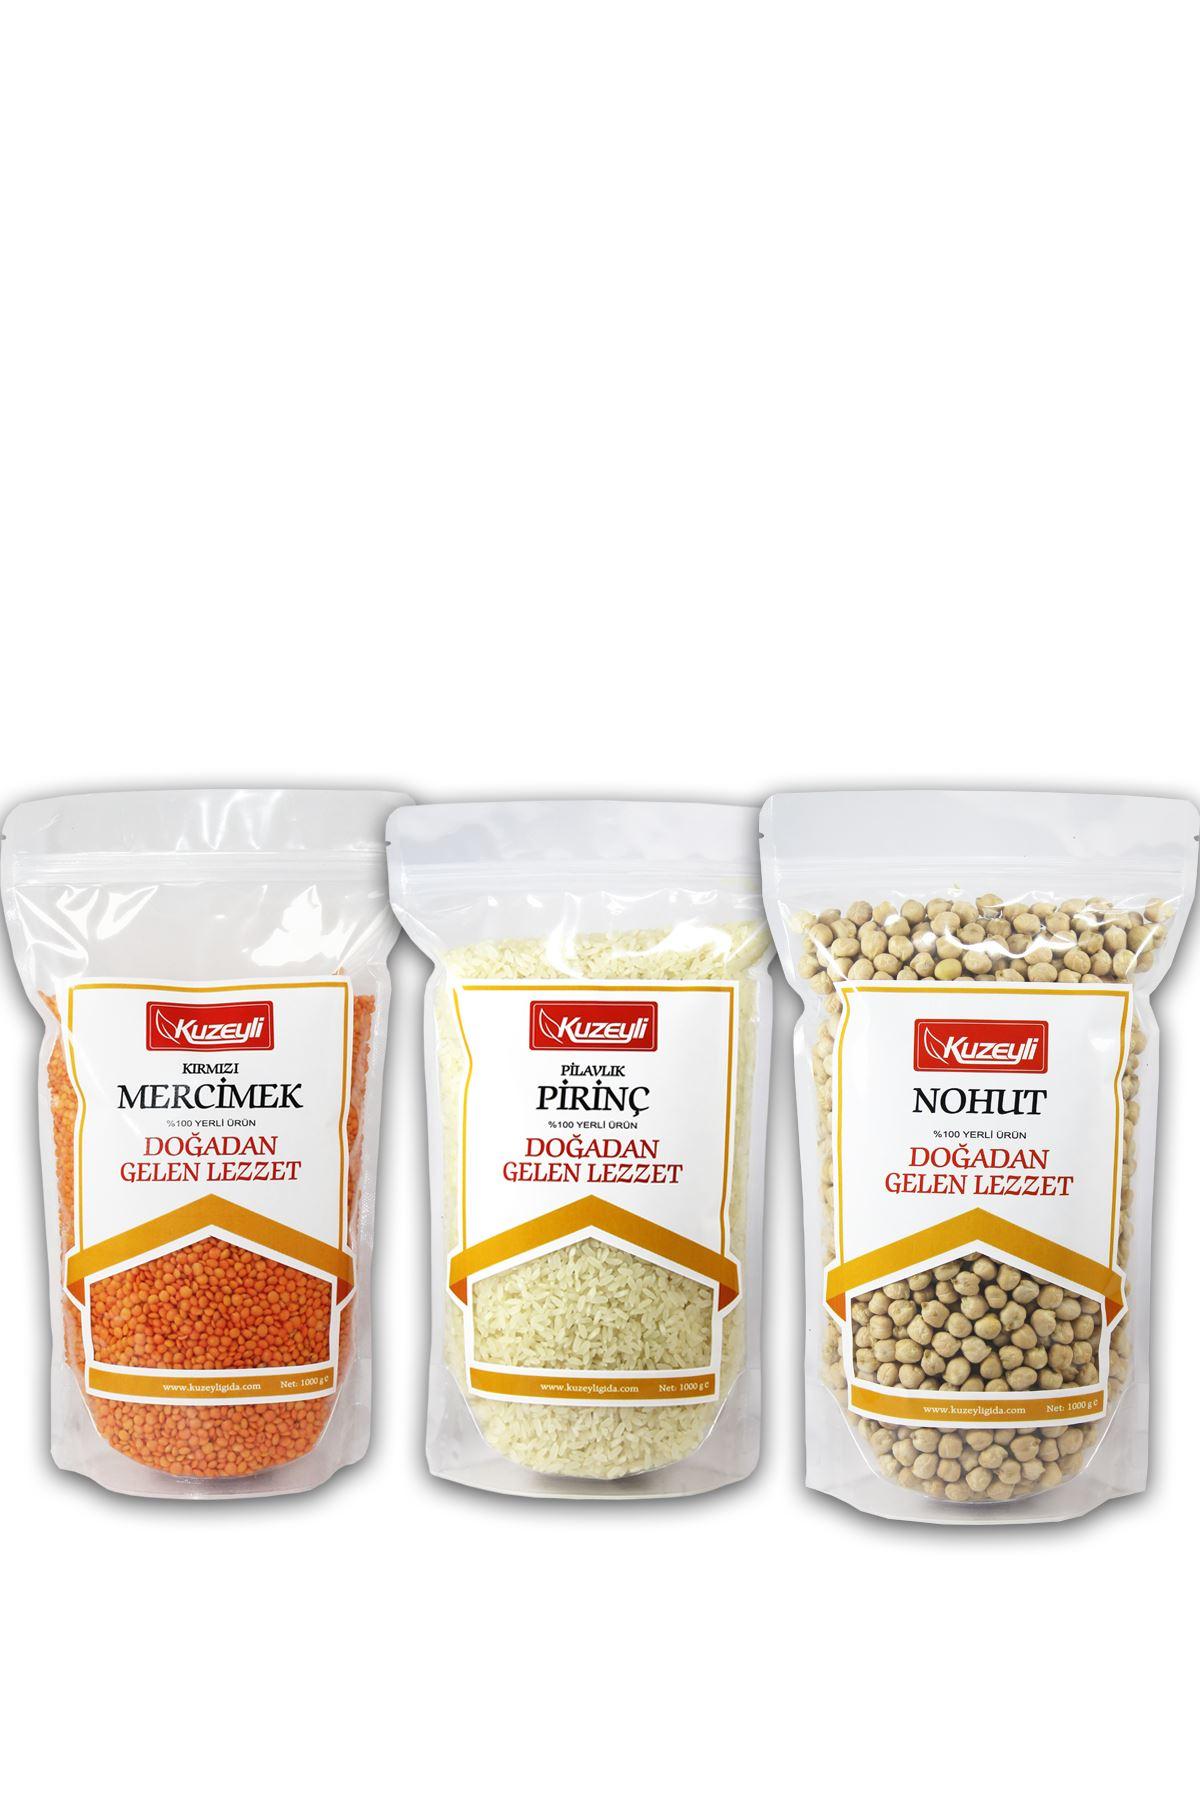 Muhteşem 3'lü 2 - 1 kg Pirinç (yerli)  1 kg Nohut (yerli) 1 kg Kırmızı Mercimek (yerli)